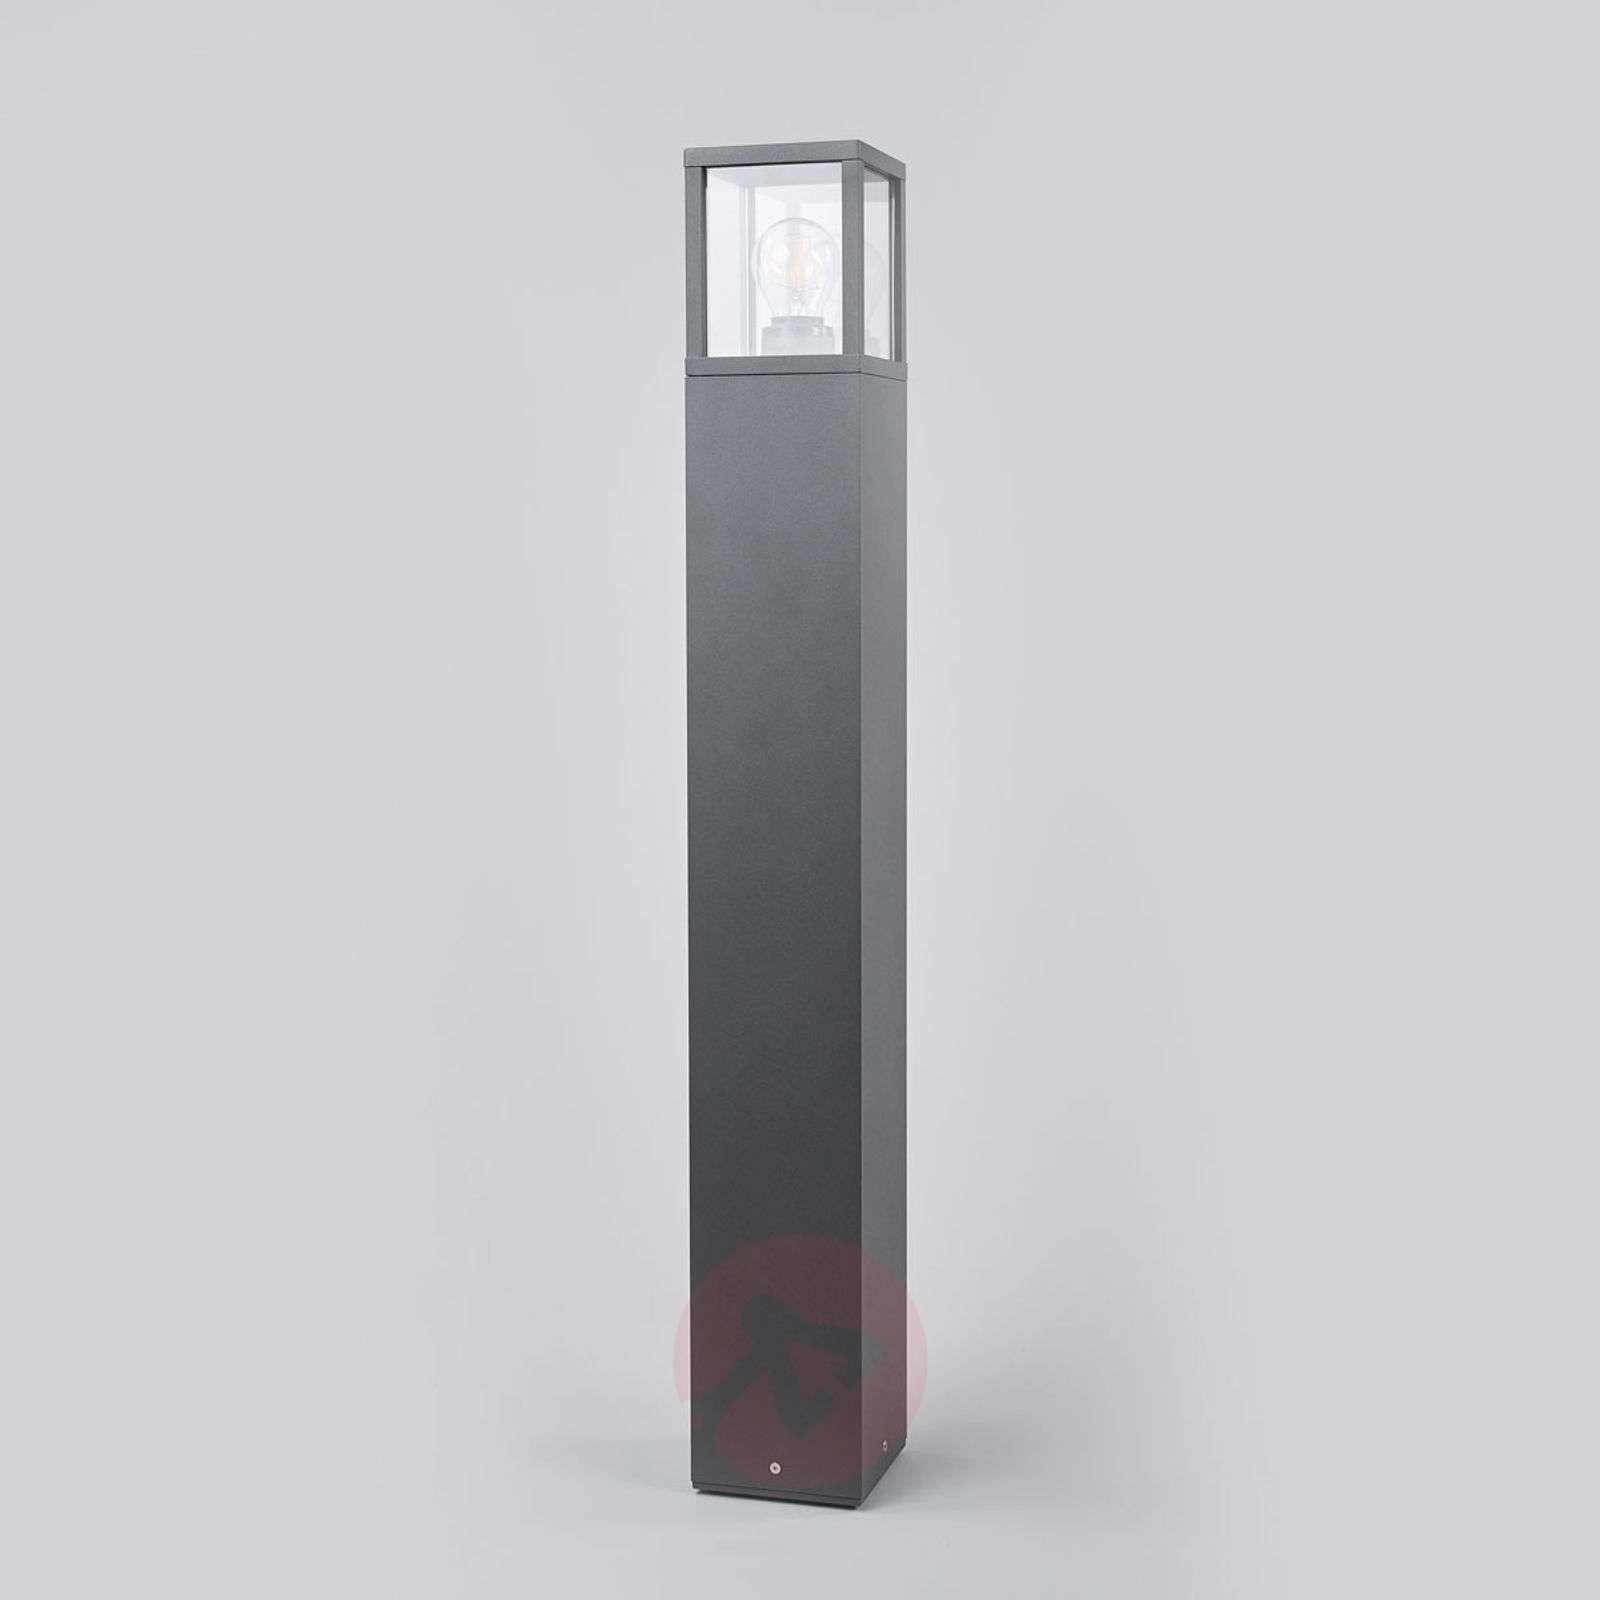 Klemens-pylväsvalaisin, grafiitti, korkeus 90 cm-9616127-01